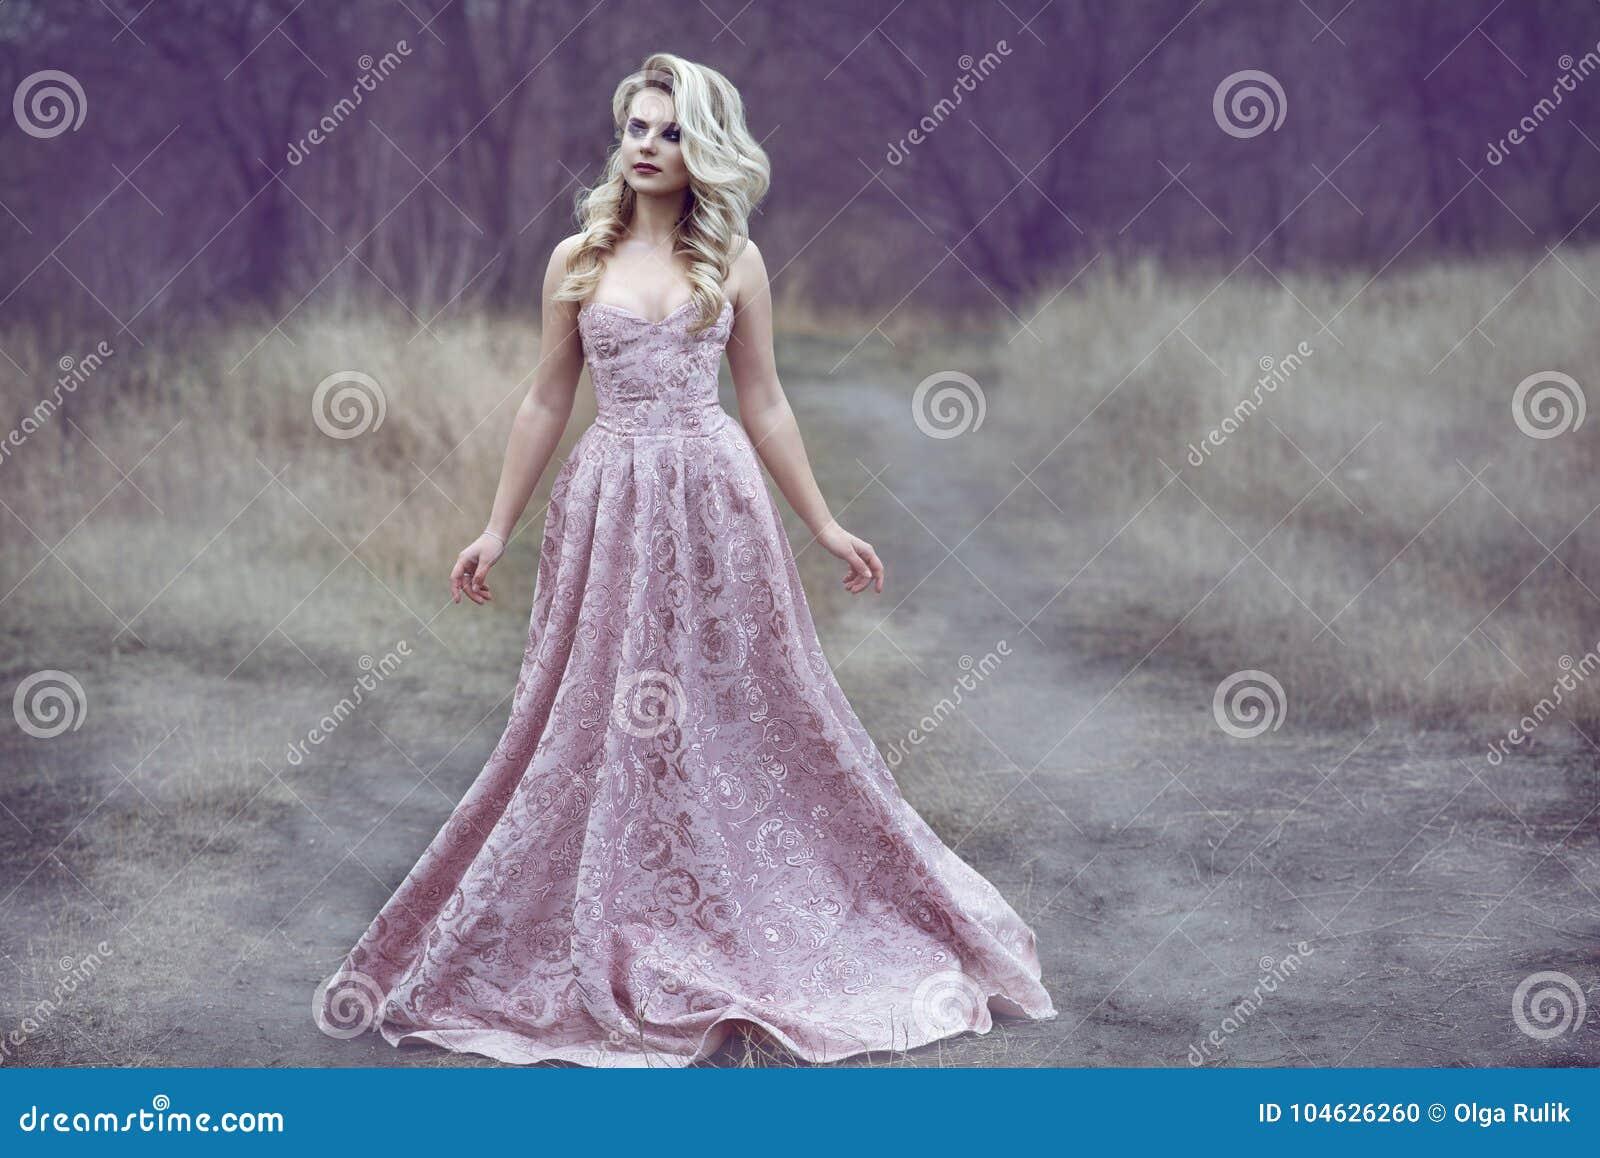 Dame blonde magnifique avec la coiffure luxuriante dans la longue robe de brocard marchant le long du chemin étroit dans les bois